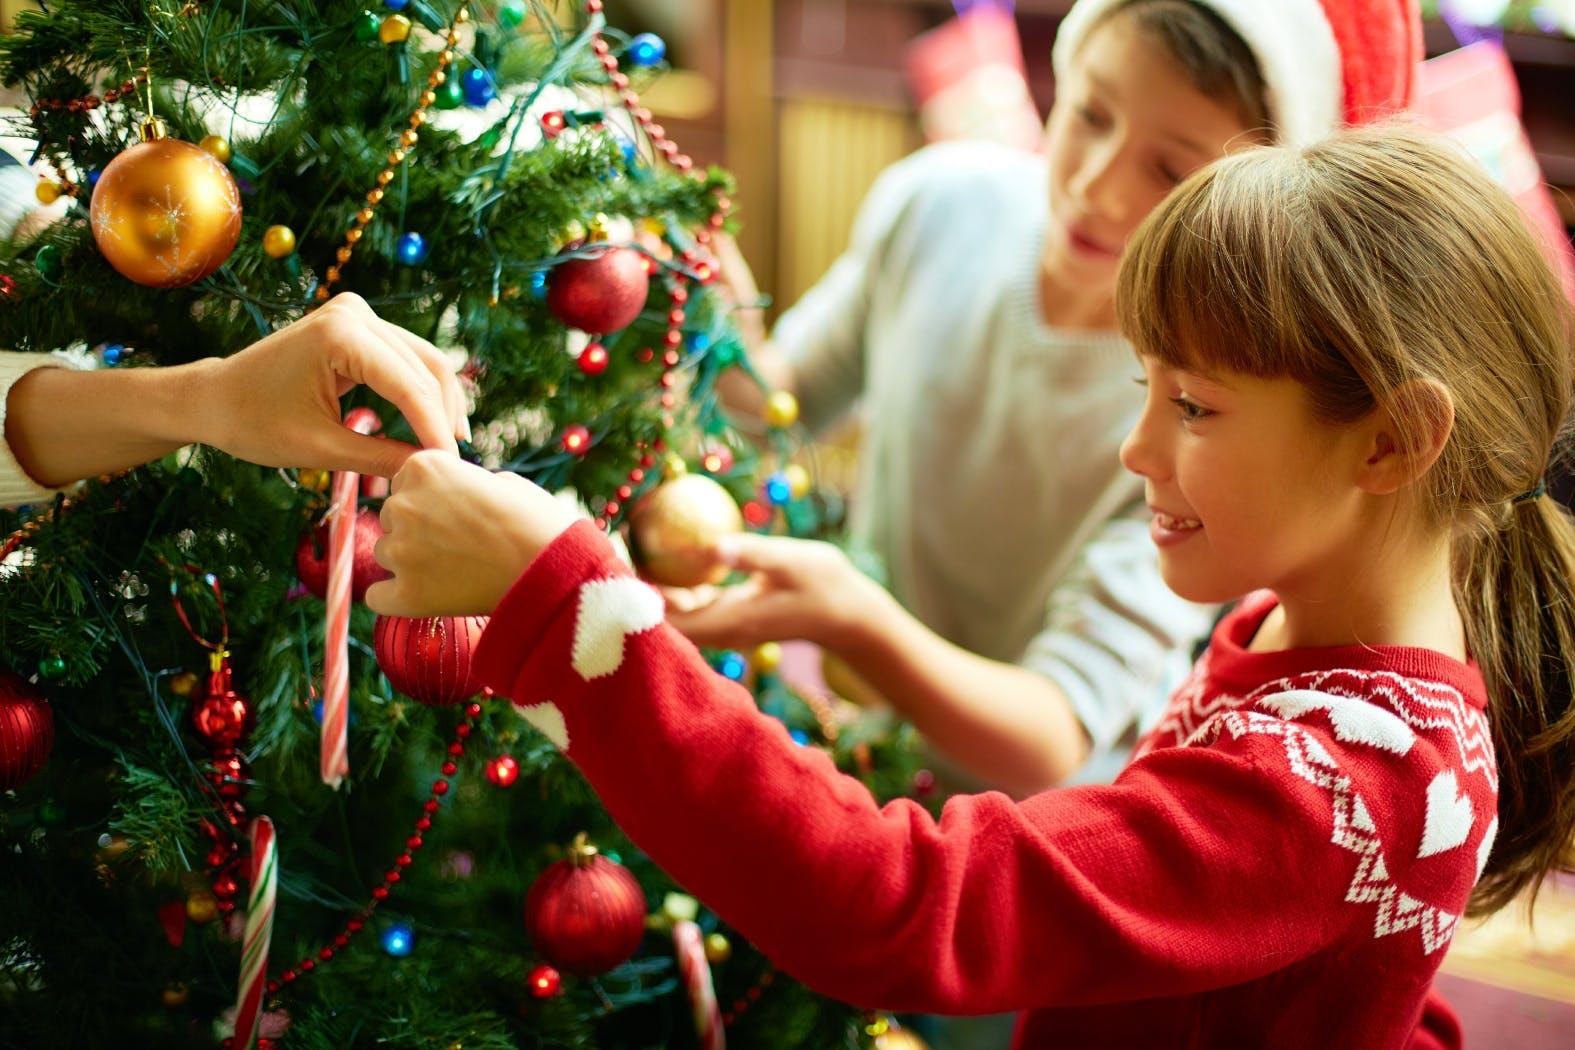 узнать, картинка где семья готовится к новому году огромное разнообразие